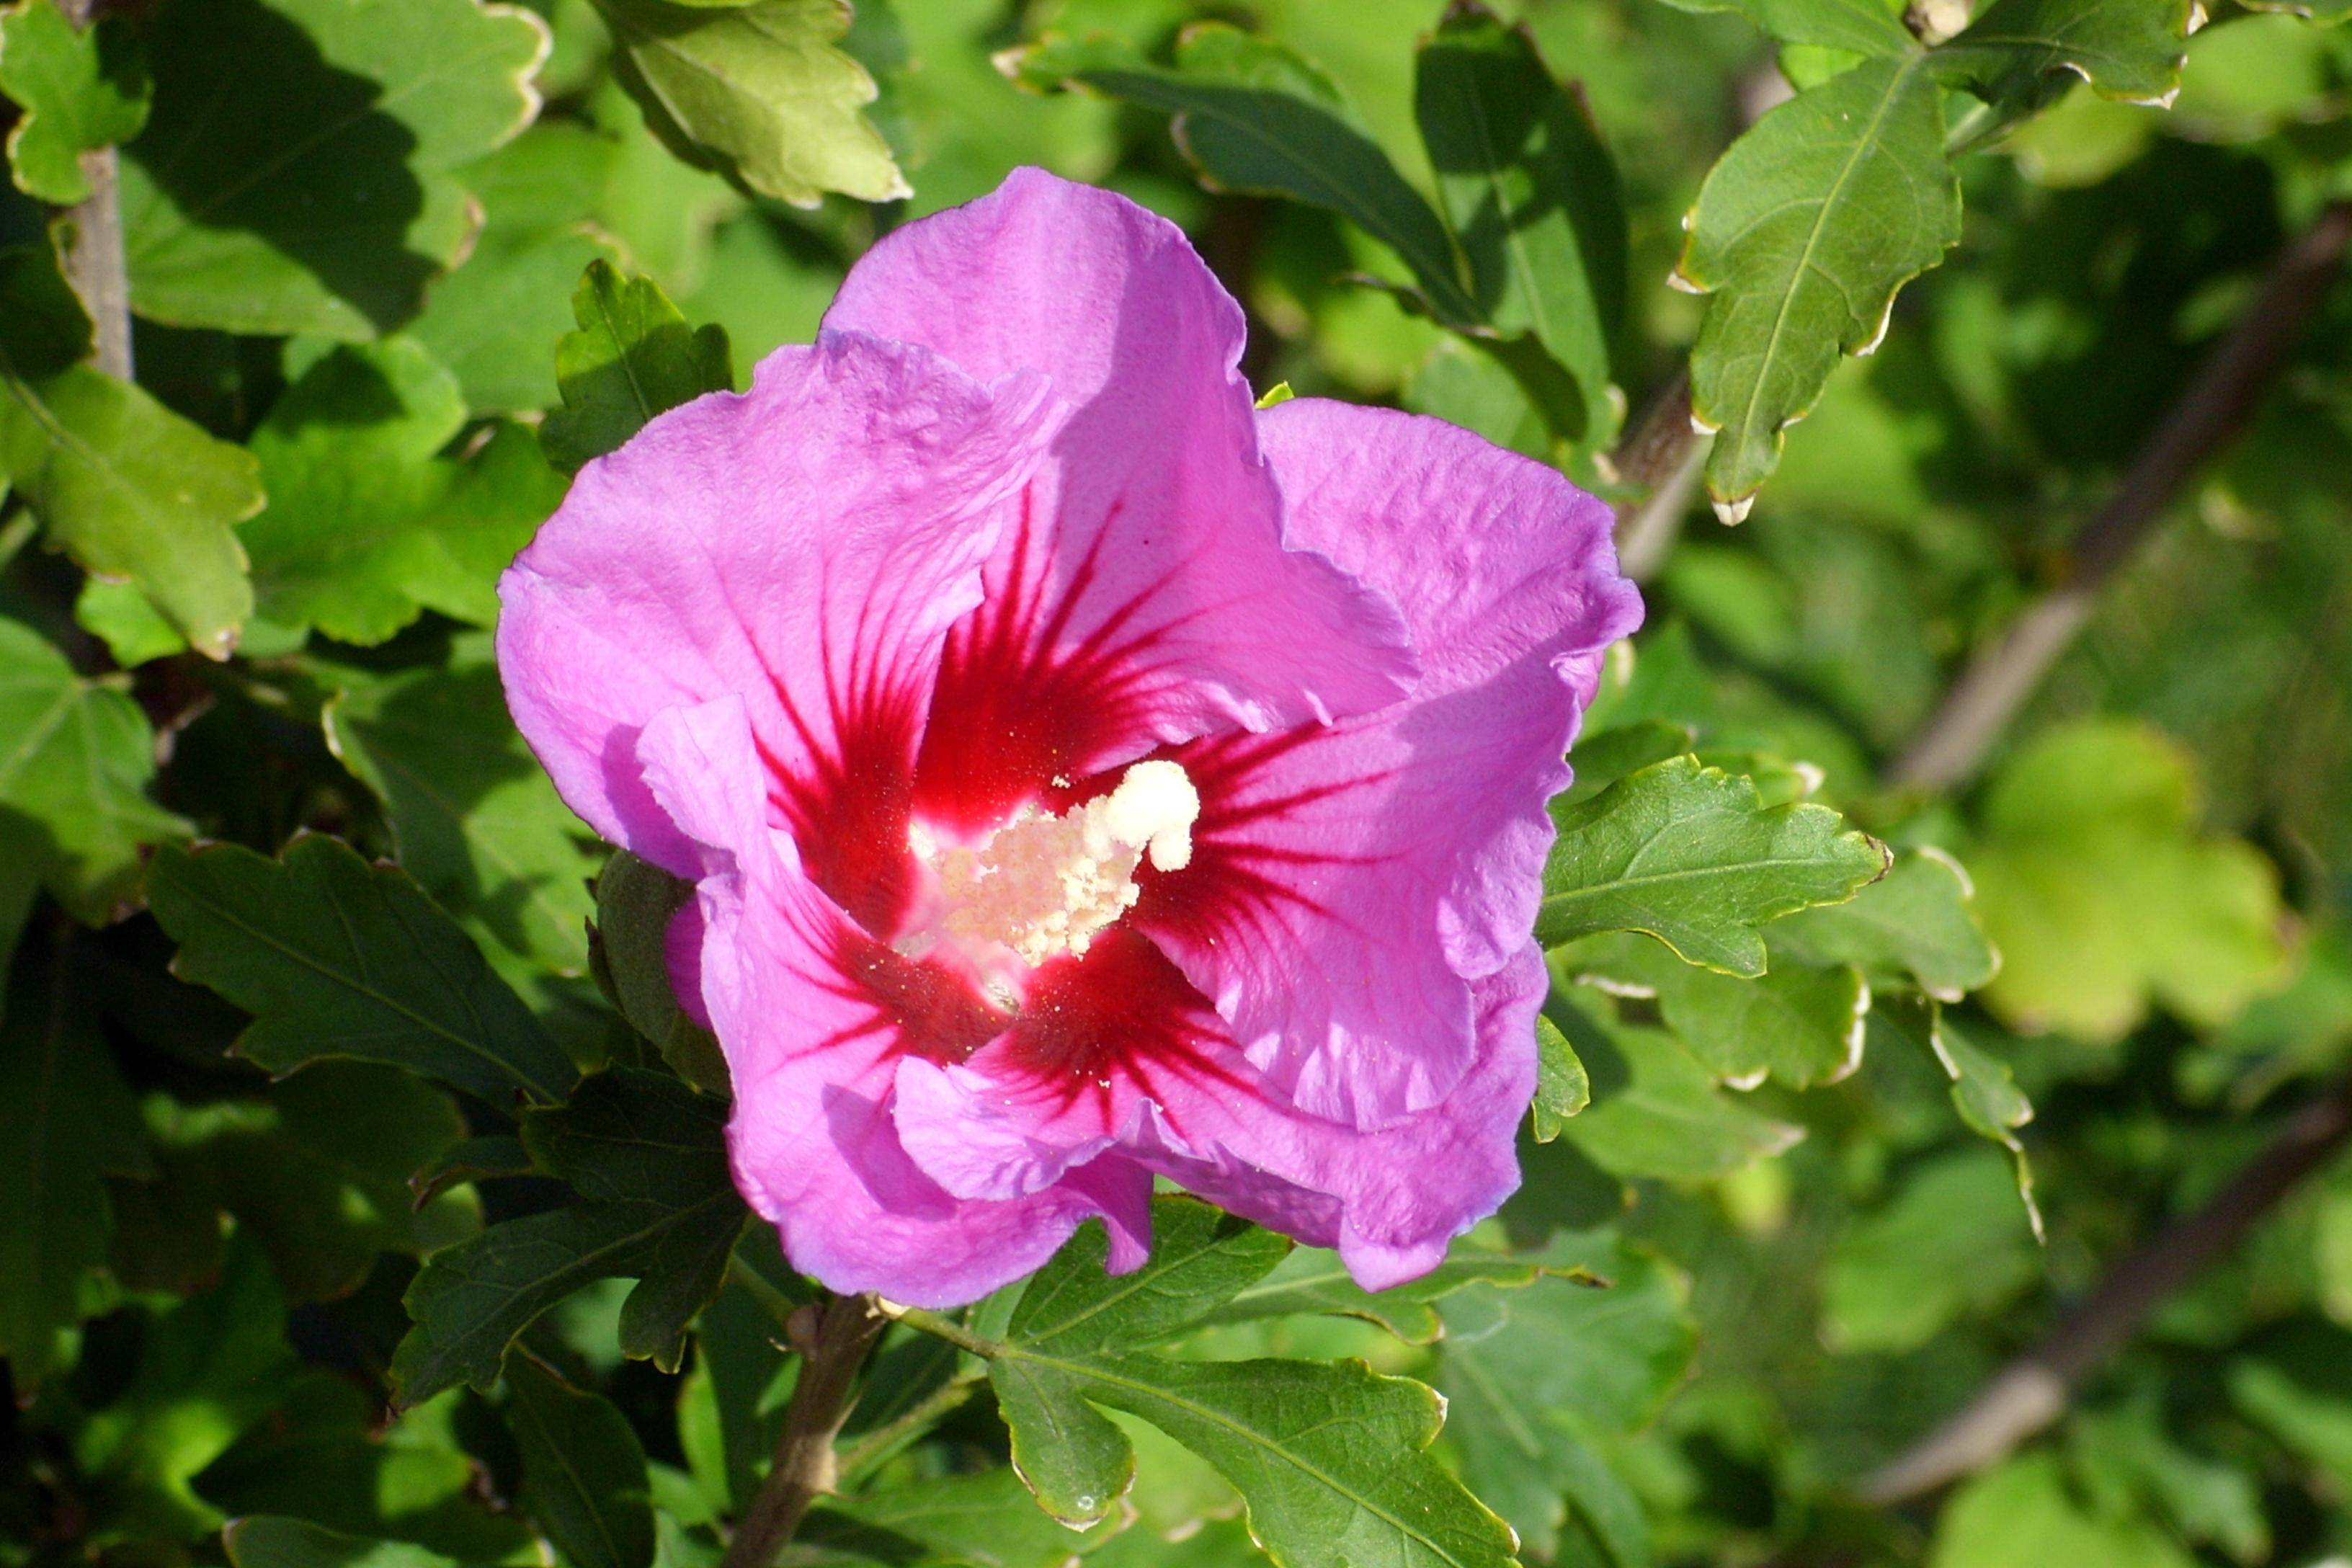 Мальва — посадка и уход за декоративными цветами (фото сортов Зебрина и Розовая)